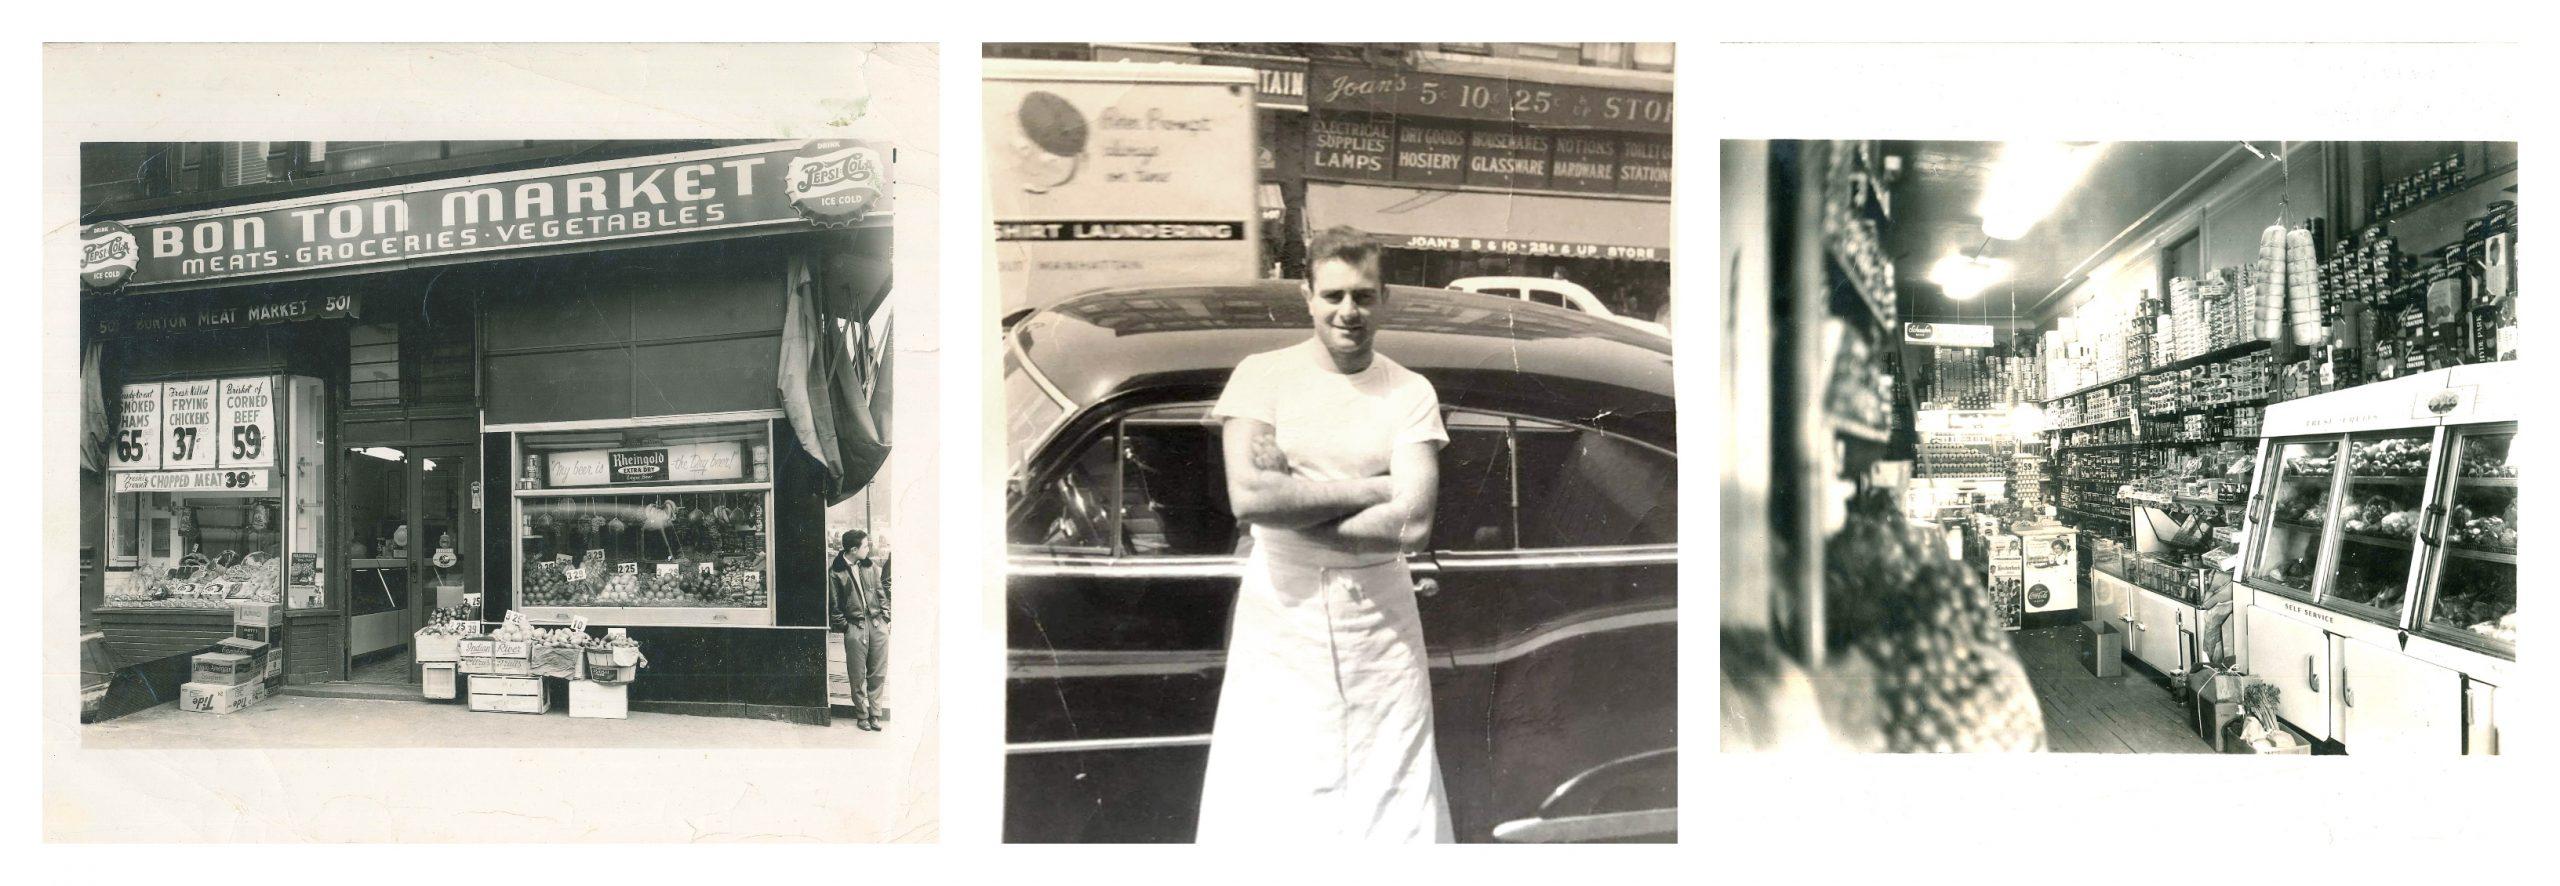 Giuseppe-Cimino-New-York